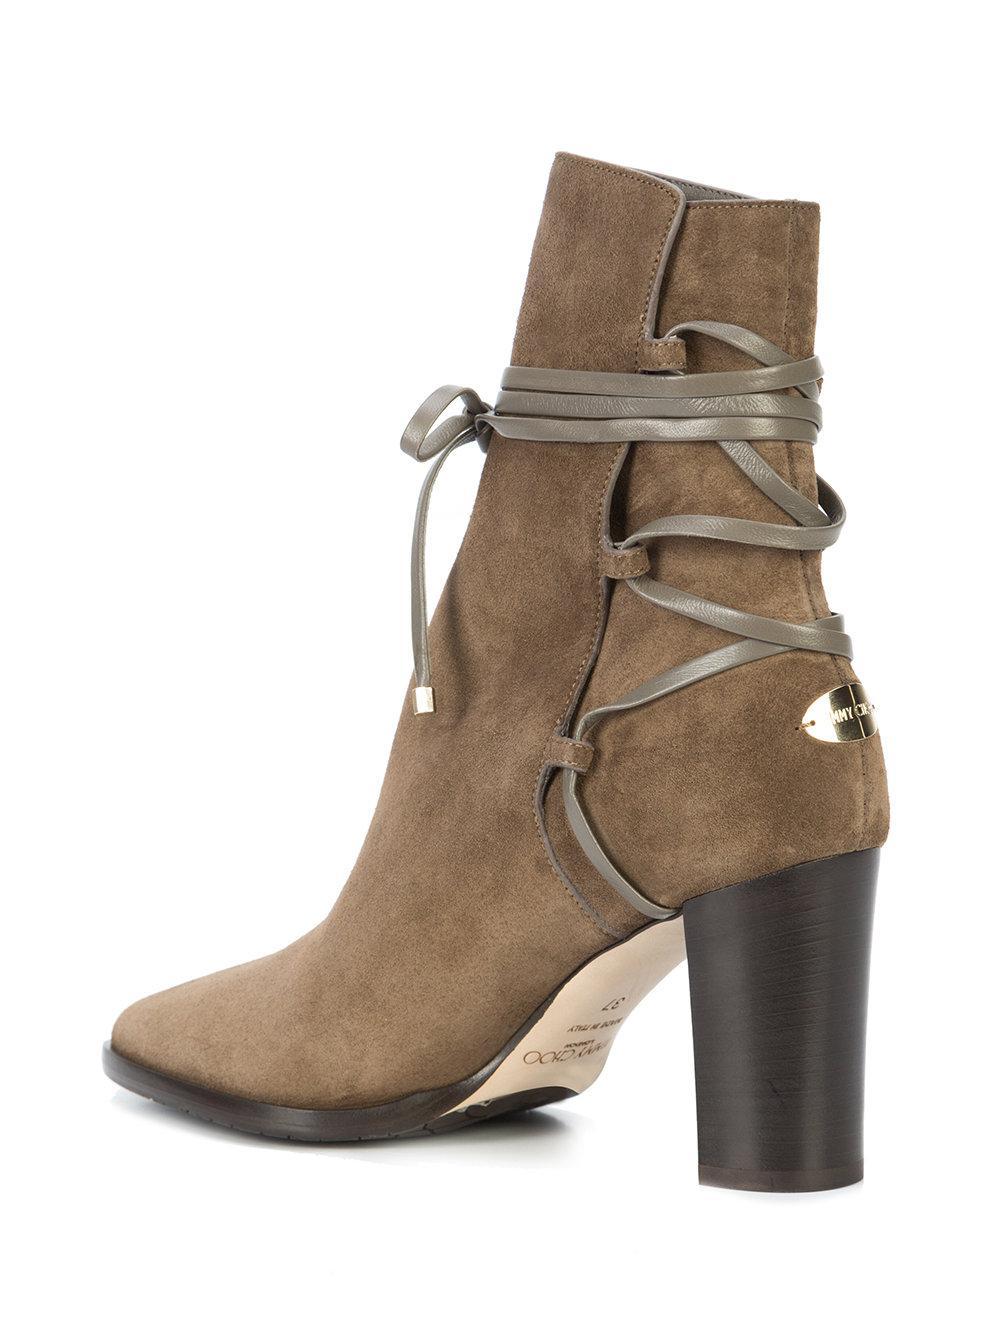 530f2f05ca47 Lyst - Jimmy Choo Hampton 80 Boots in Natural